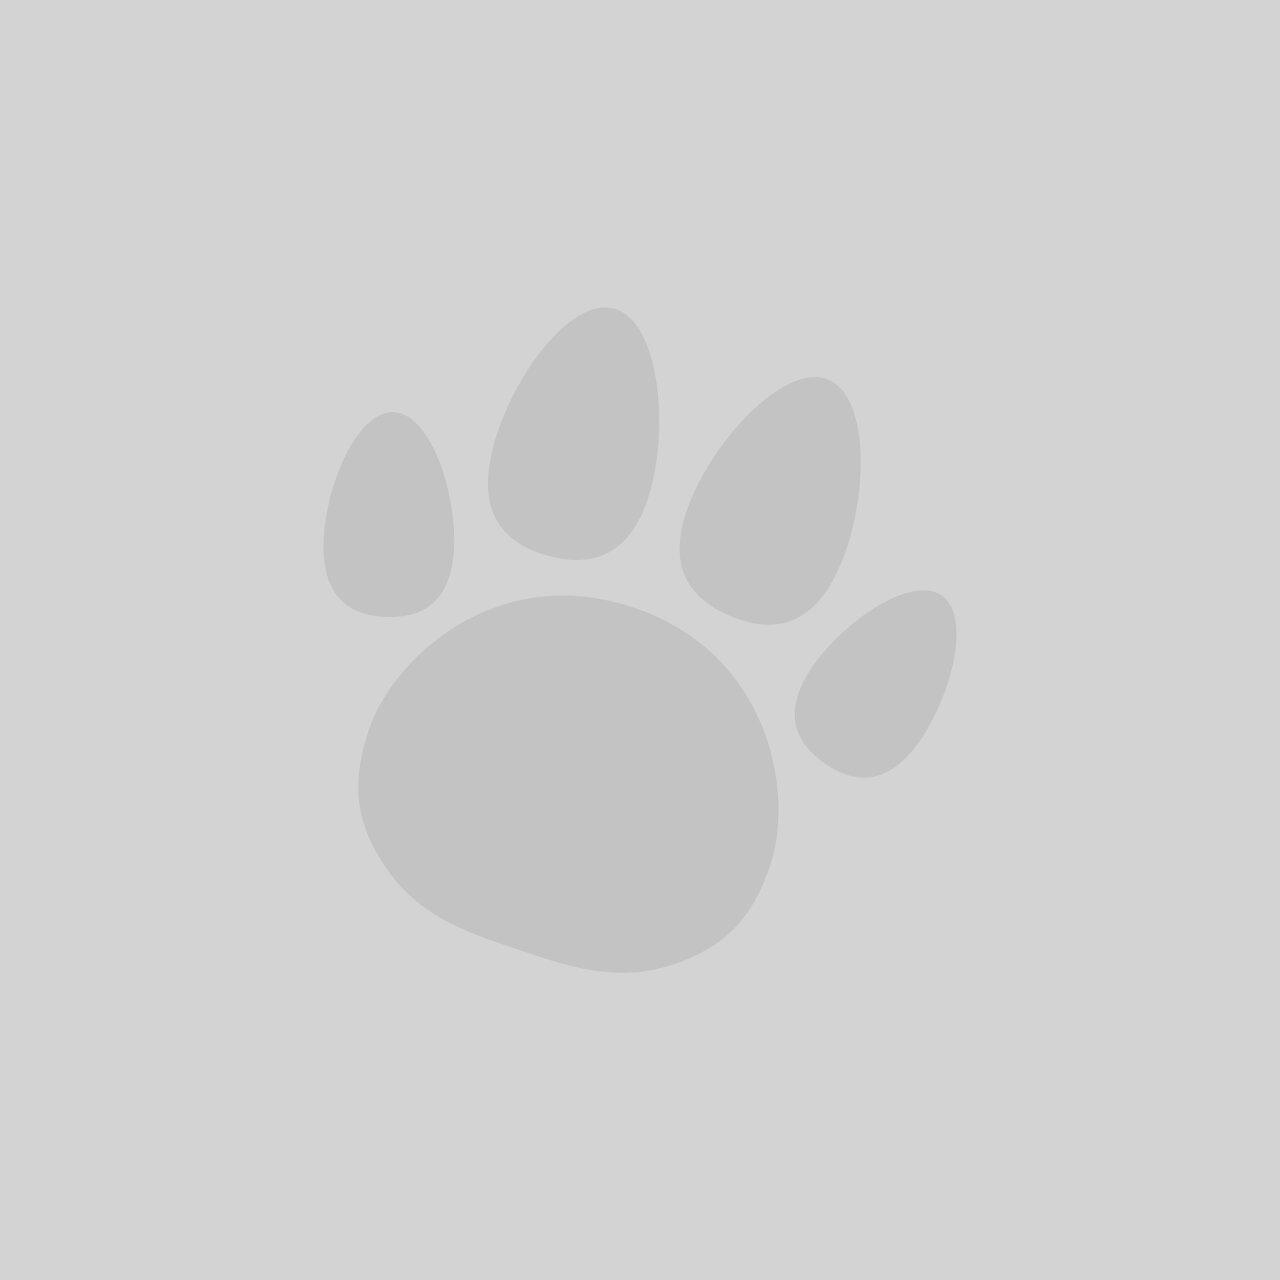 Flexi Classic Retractable Cord Small Dog Lead 8m - Black